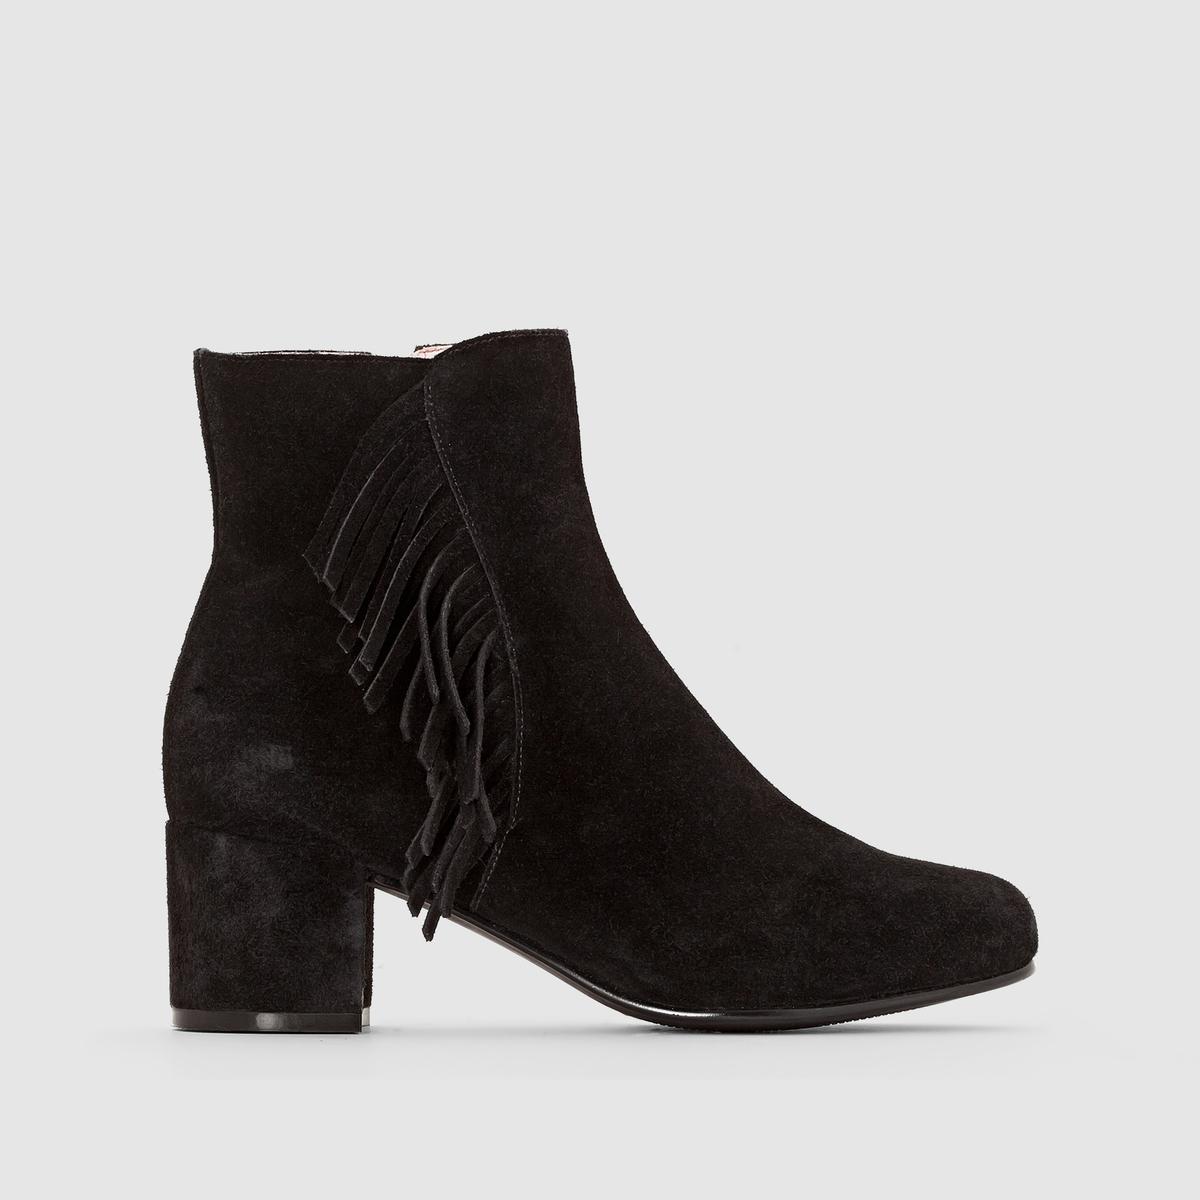 Ботинки замшевые на каблуке AbbyВерх : Замша телячья    Подкладка   : Свиная кожа     Подошва : Синтетический материал    Высота каблука : 5.5 см   Застежка : на молнию<br><br>Цвет: черный<br>Размер: 37